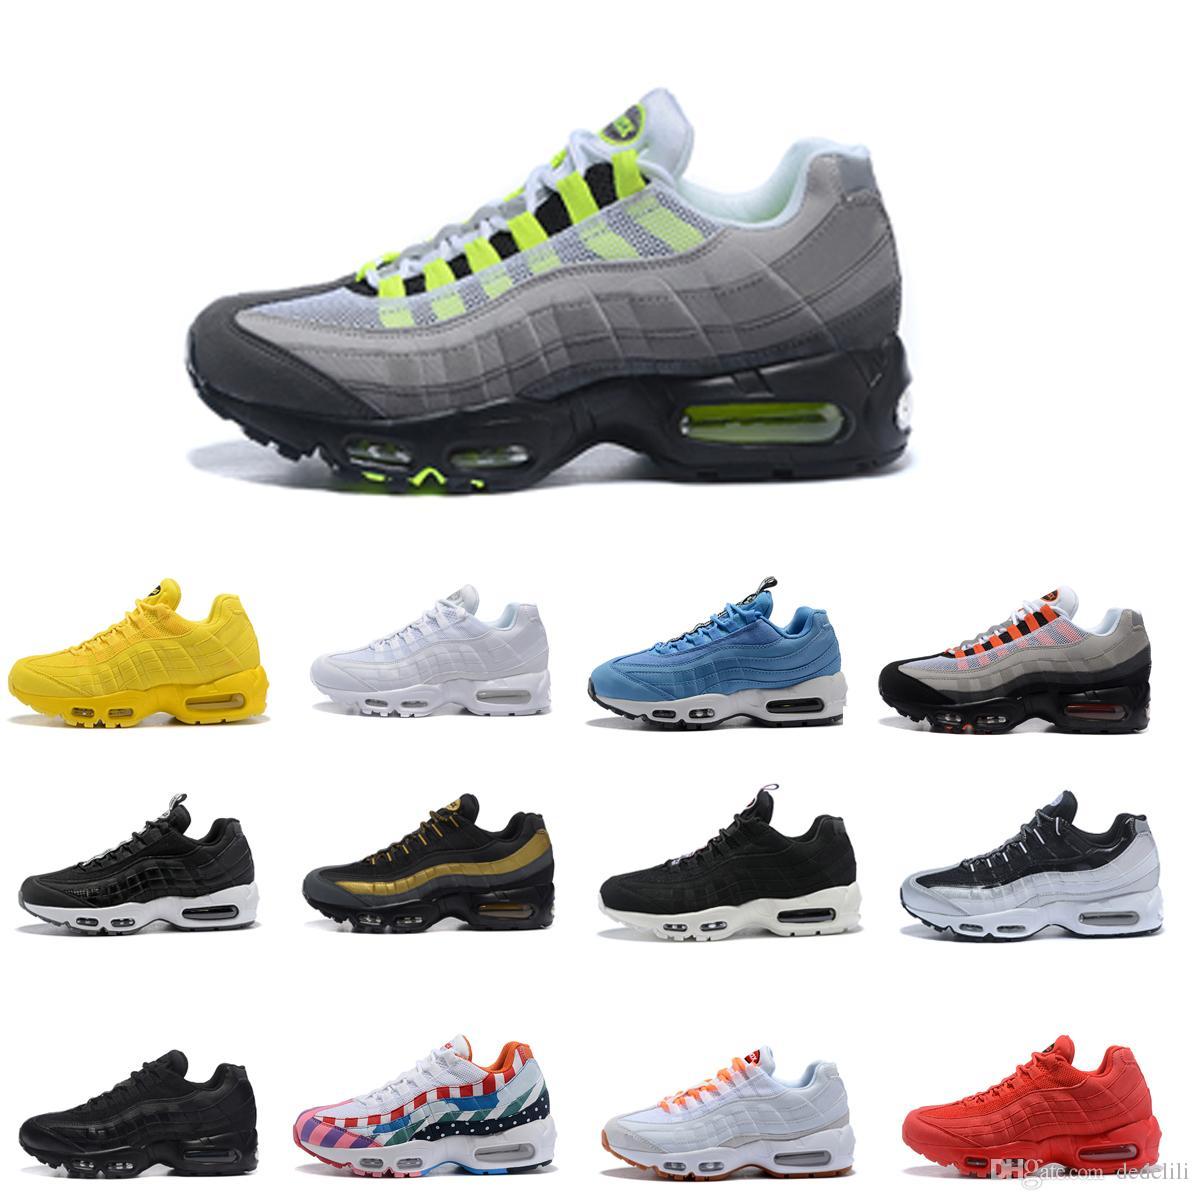 671311b1c2f2d Acheter Nike Air Max 95 Airmax 95 Hommes Rétro 95 OG Coussin Marine Sport  Haute Qualité Chaussure 95s Bottes De Marche Hommes Chaussures De Course  Coussin ...